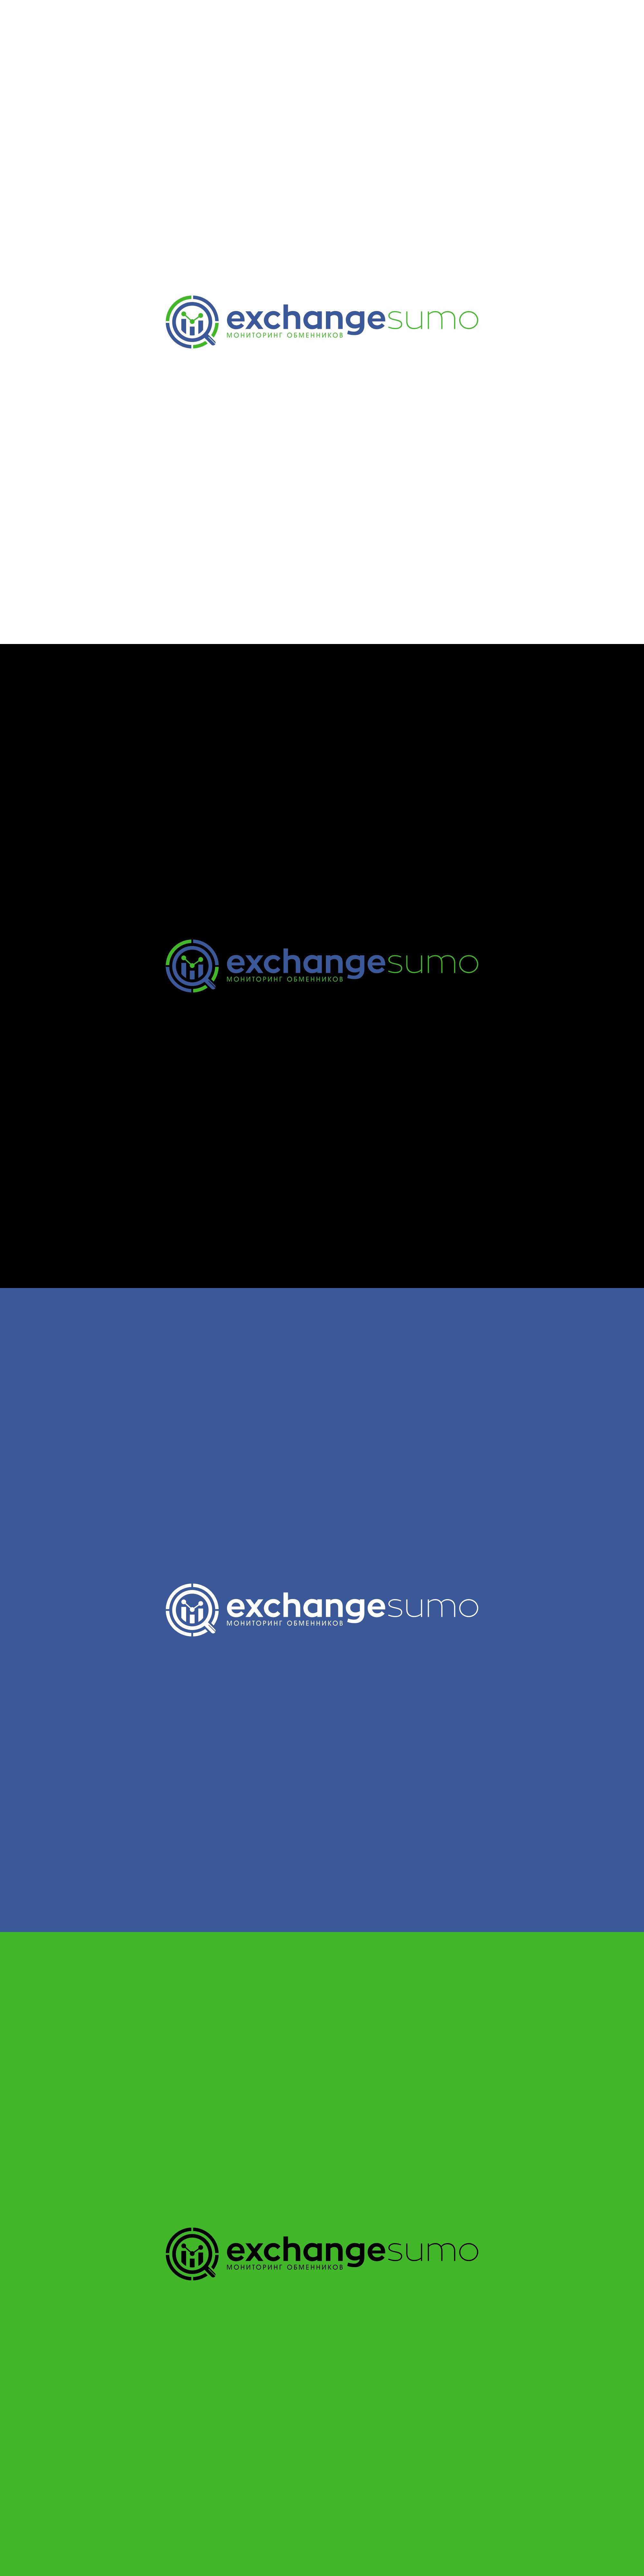 Логотип для мониторинга обменников фото f_3305bae00ac1e322.jpg